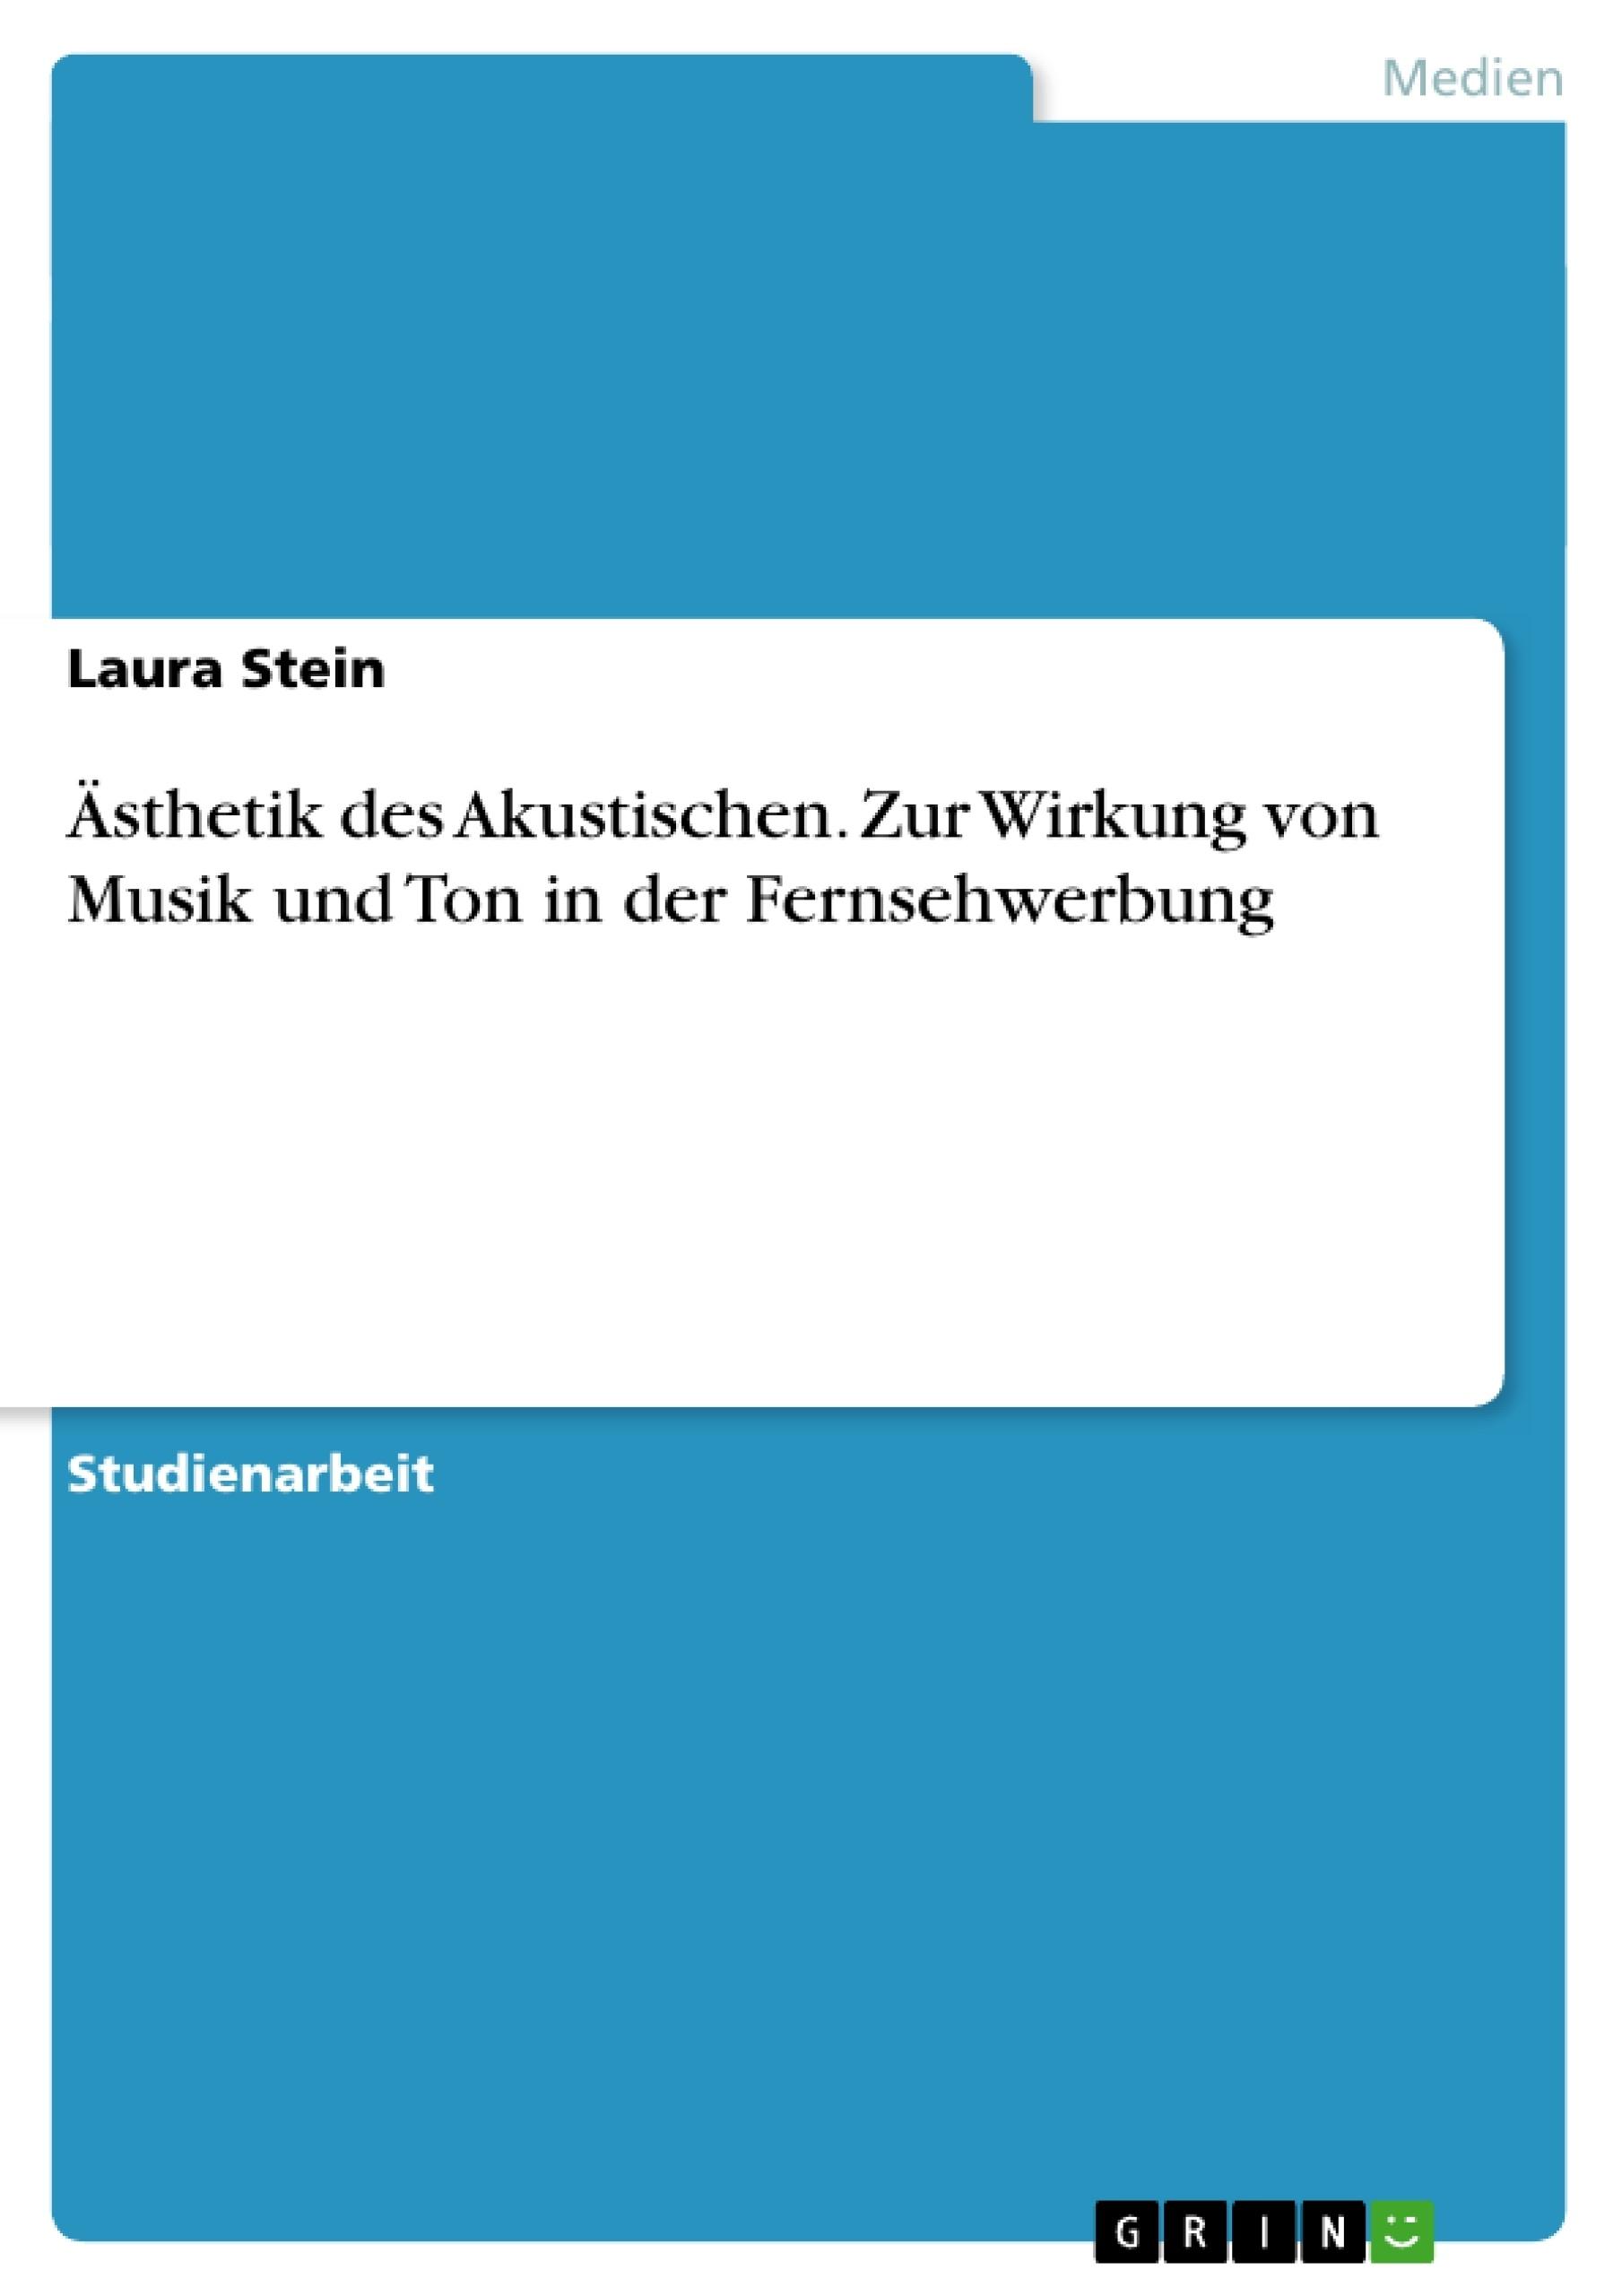 Titel: Ästhetik des Akustischen. Zur Wirkung von Musik und Ton in der Fernsehwerbung